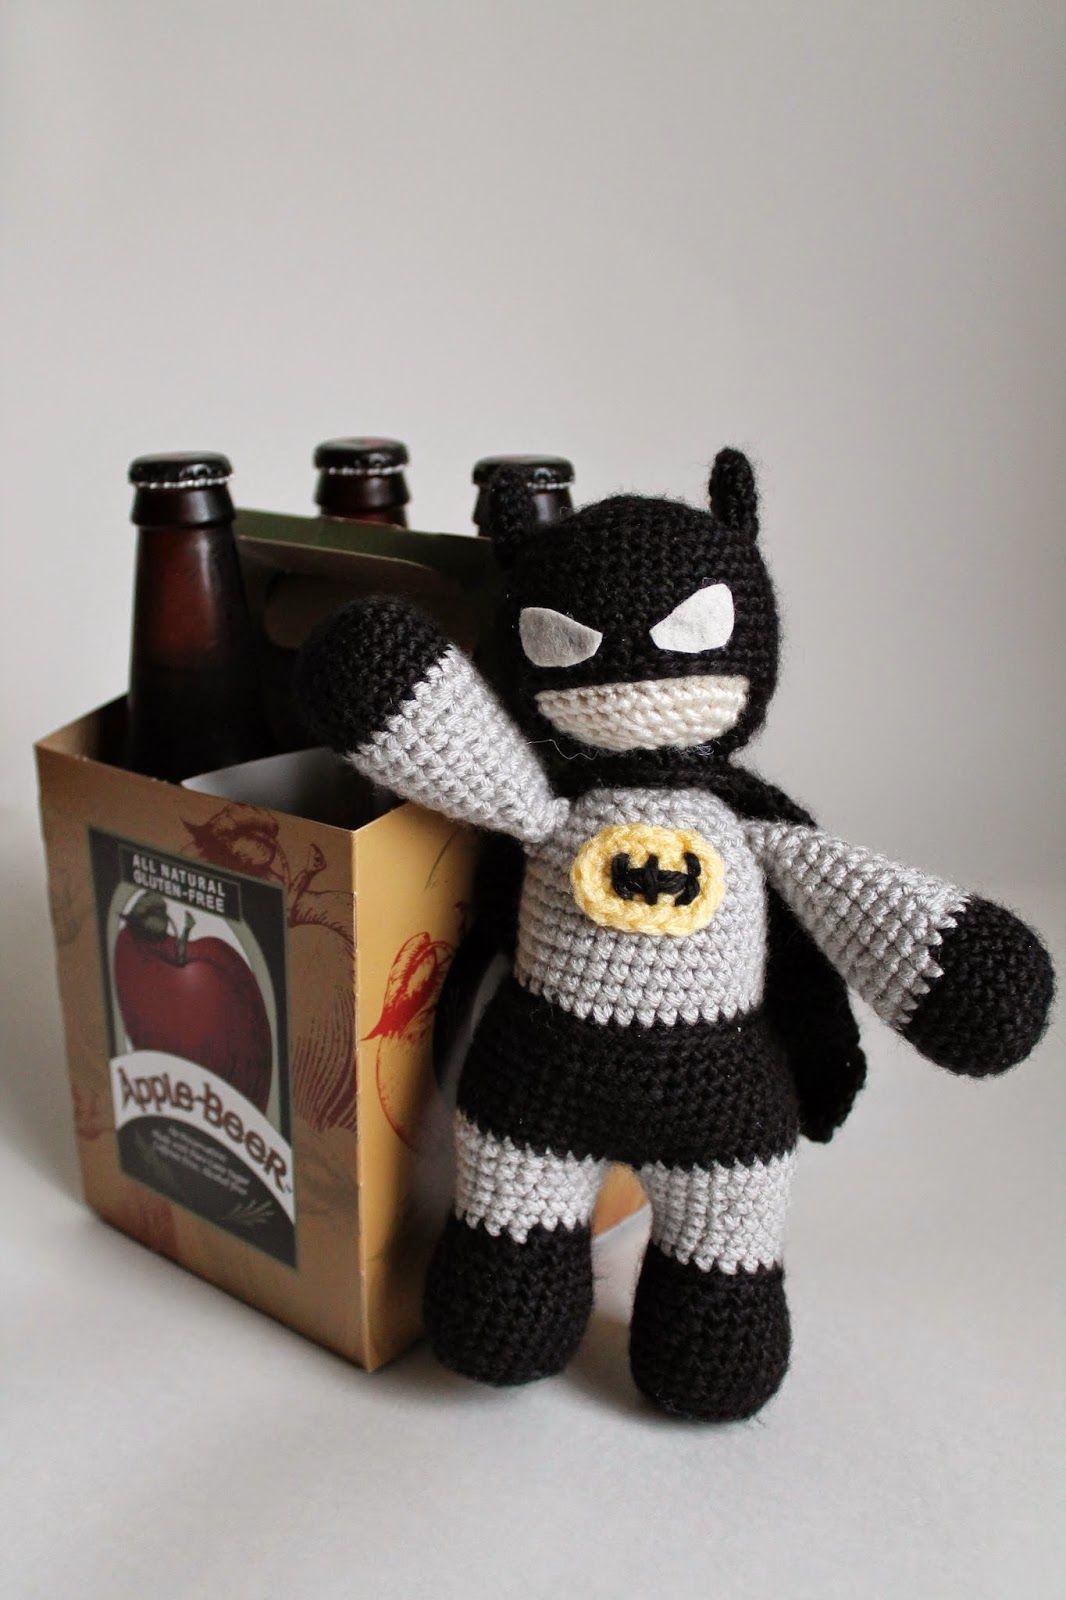 Amigurumi Batman - FREE Crochet Pattern / Tutorial | Nerdy Crochet ...